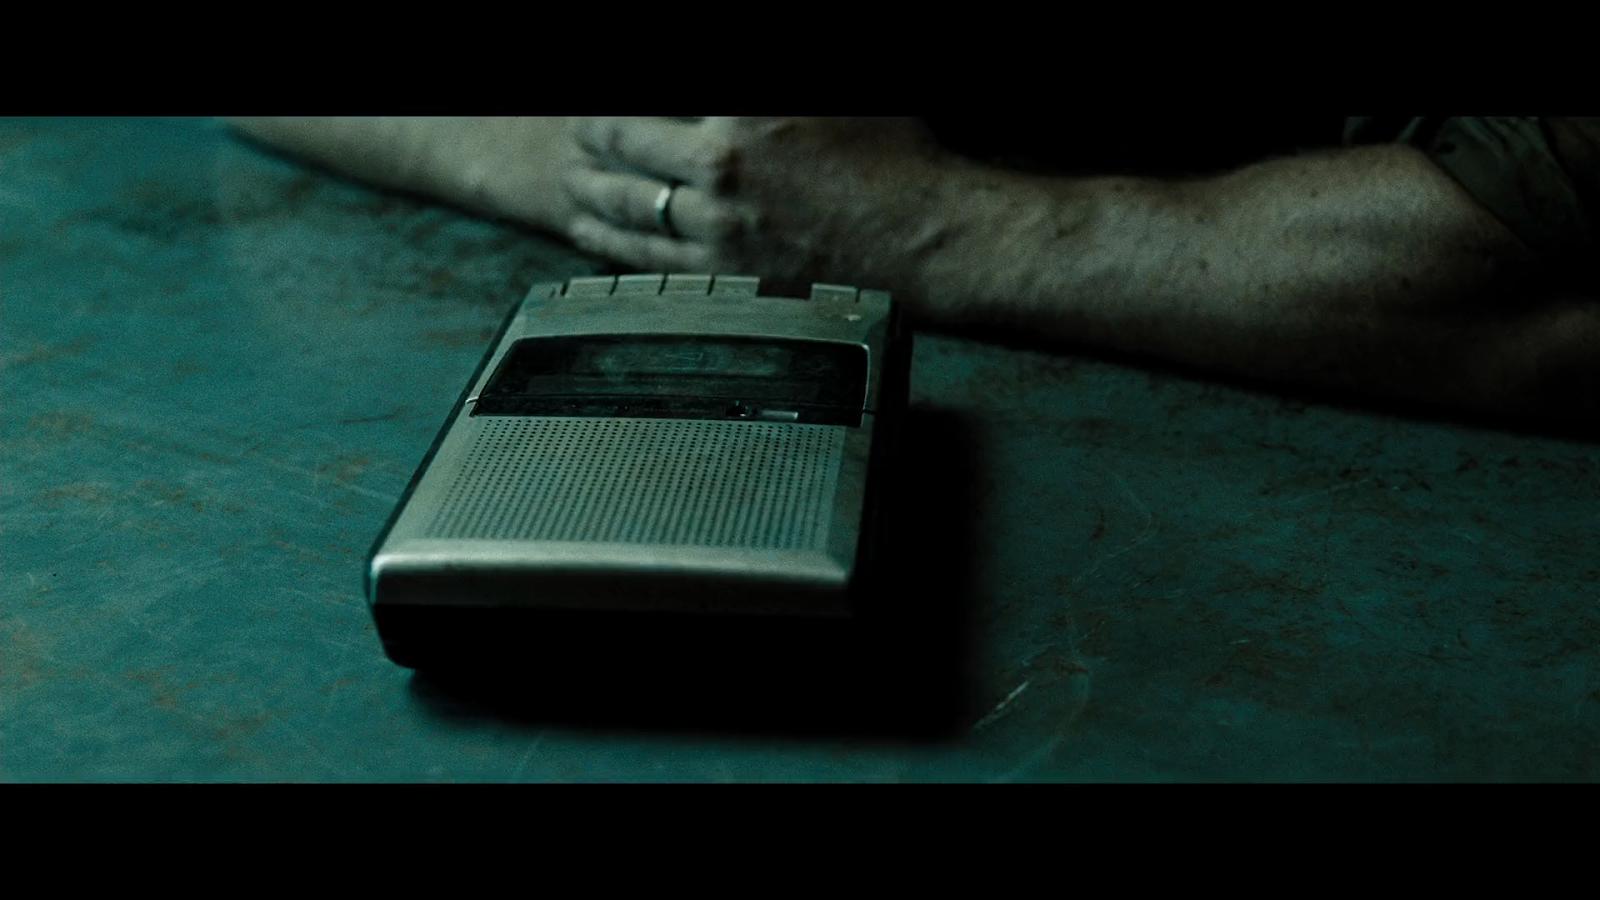 Terminator - La salvación (2009) BRRip 720p Latino-Ingles captura 2